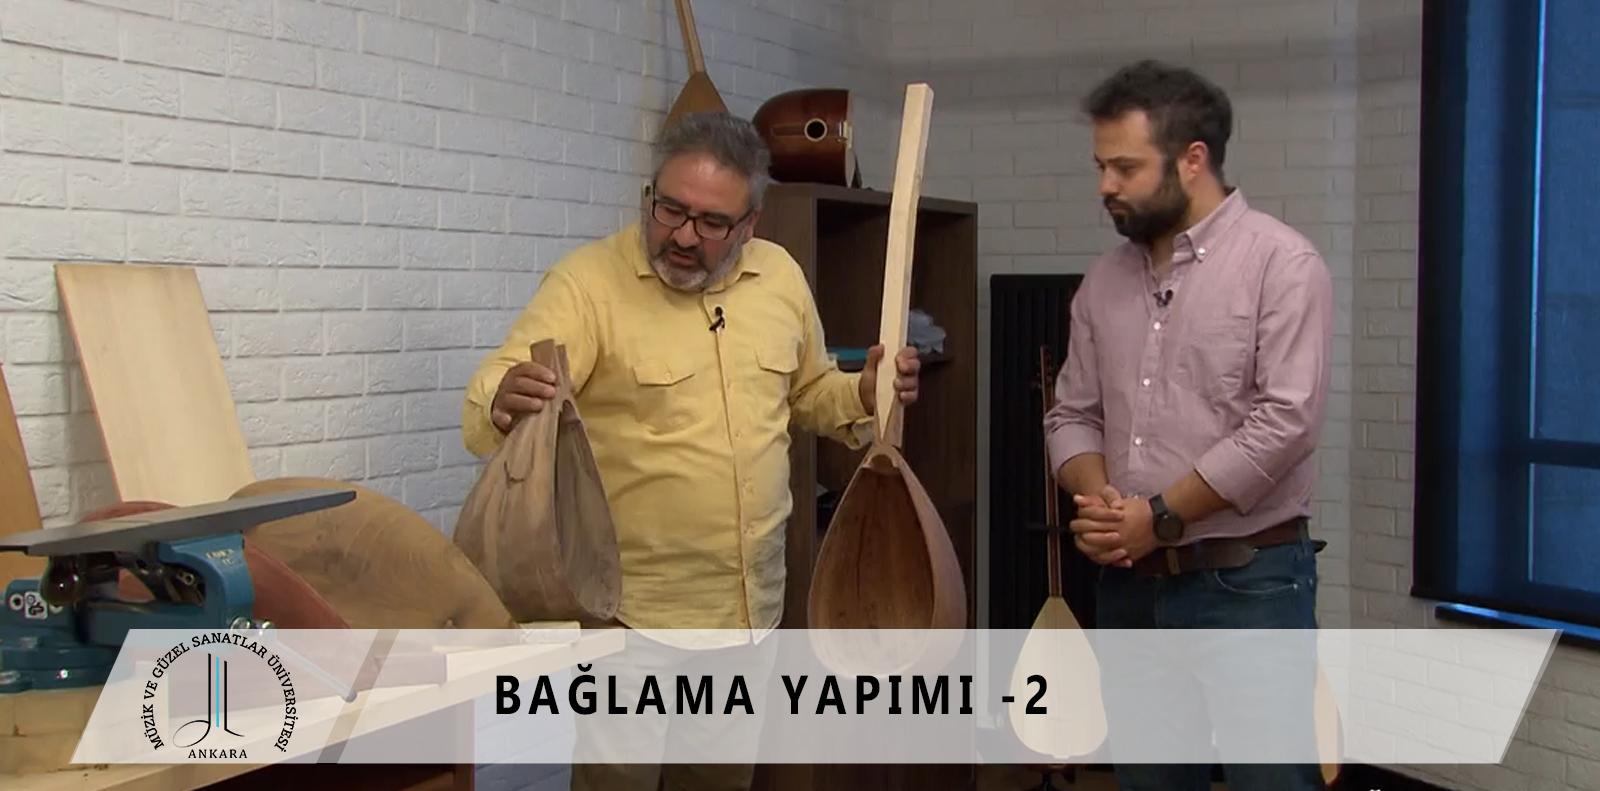 EBA TV BAĞLAMA YAPIMI BÖLÜM -2